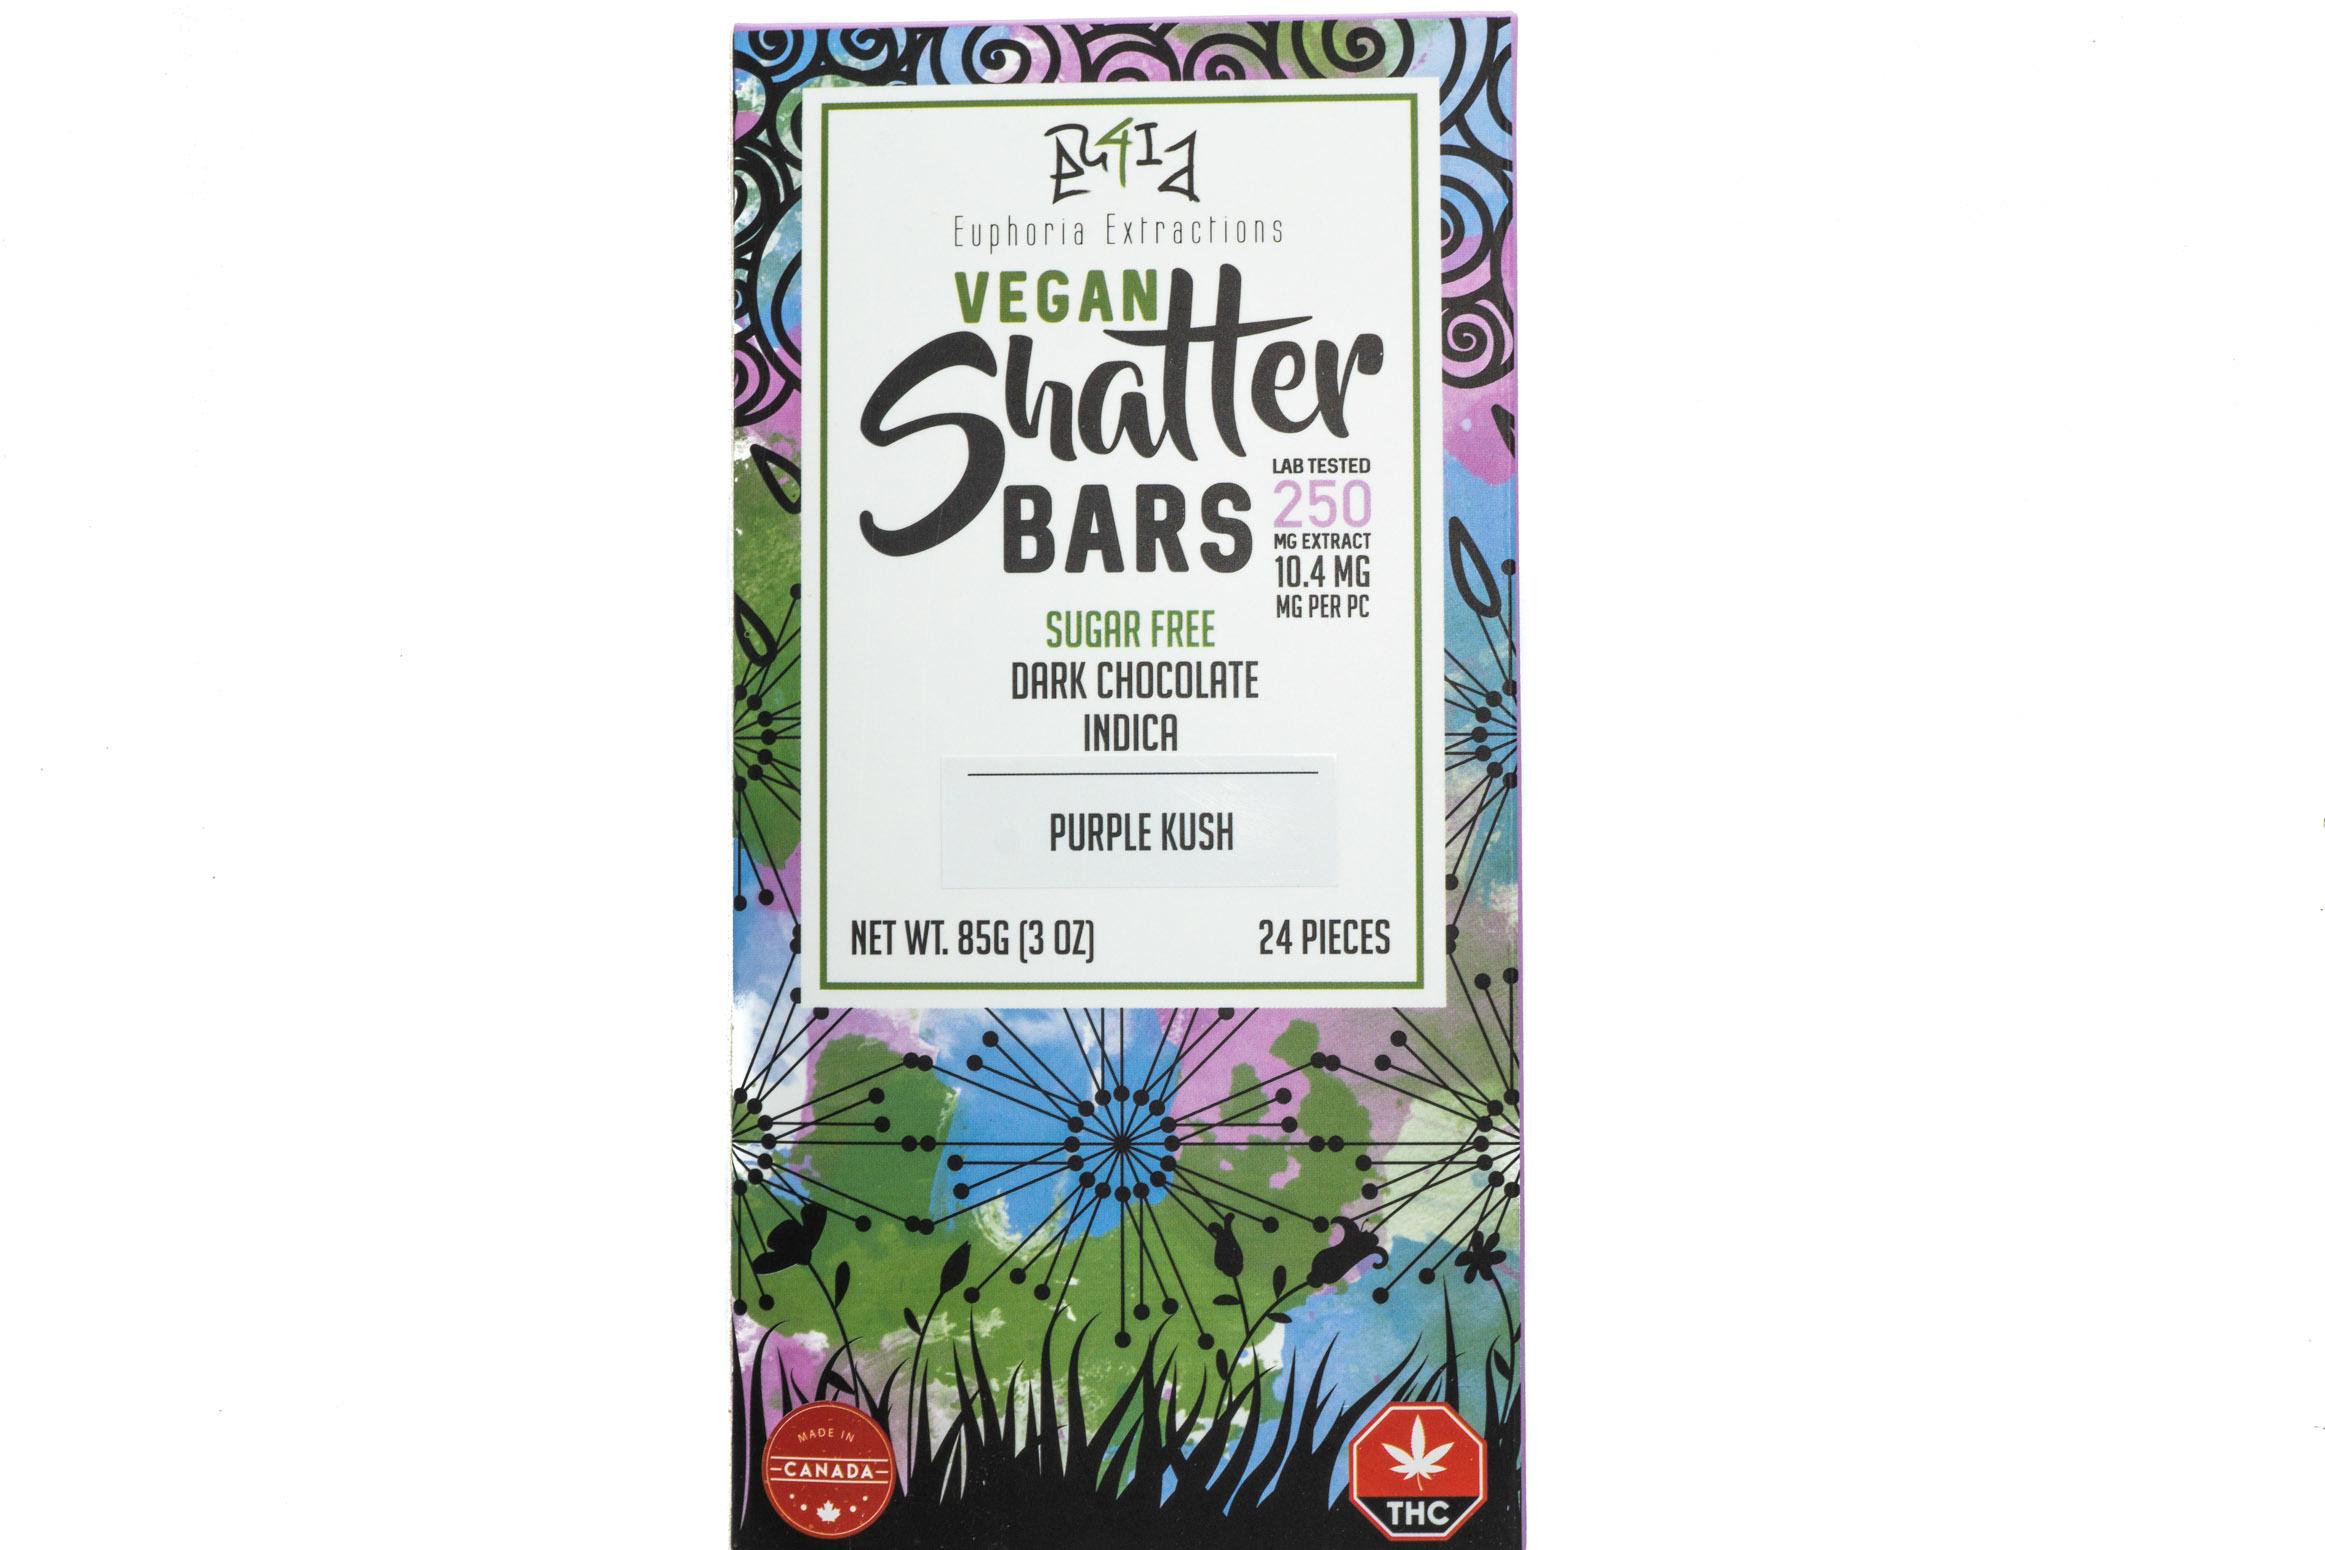 Vegan Dark Chocolate Indica Shatter Bar By Euphoria Extractions (Sugar Free) (250mg) (Current Strain Purple Kush) 01300